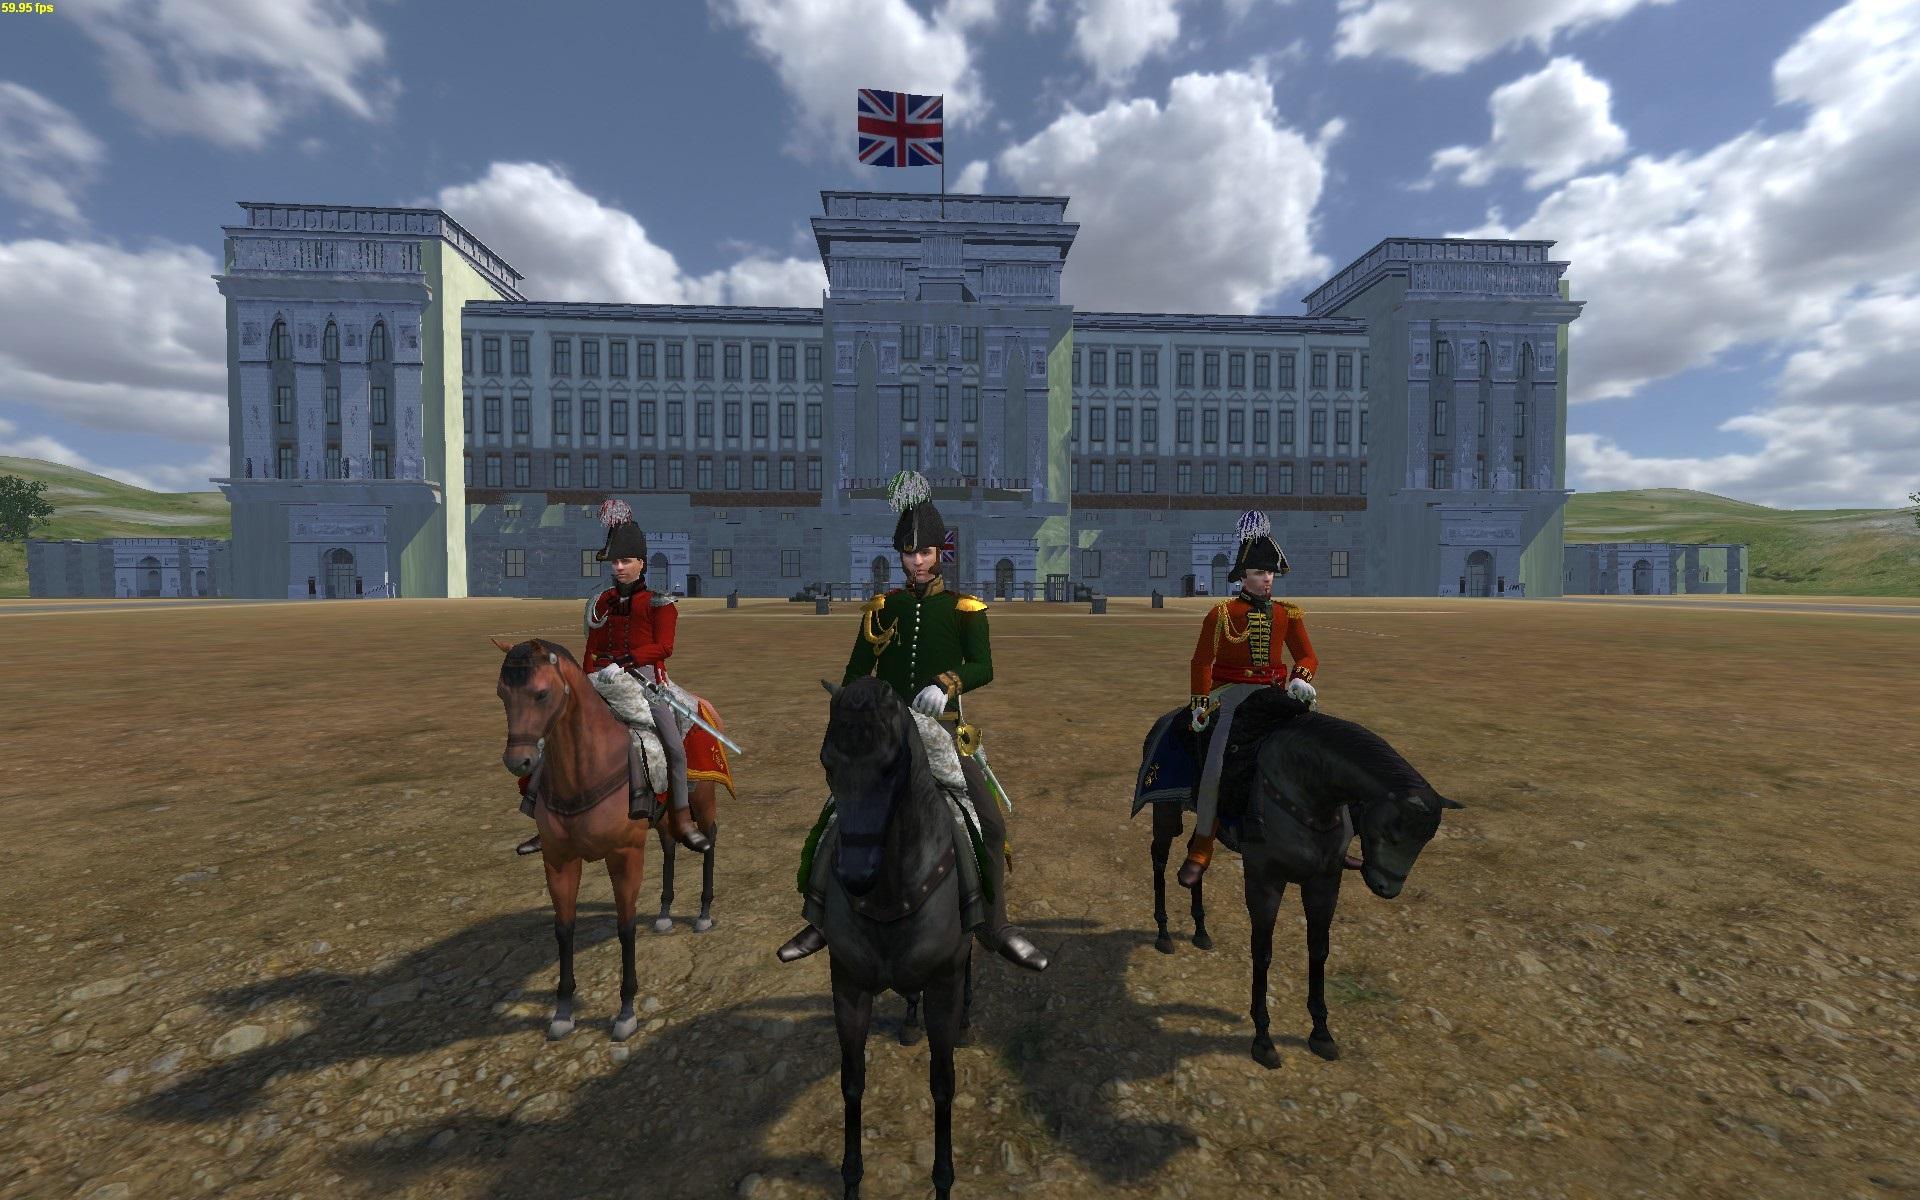 Stabsoffiziere zu Pferd [vorne]